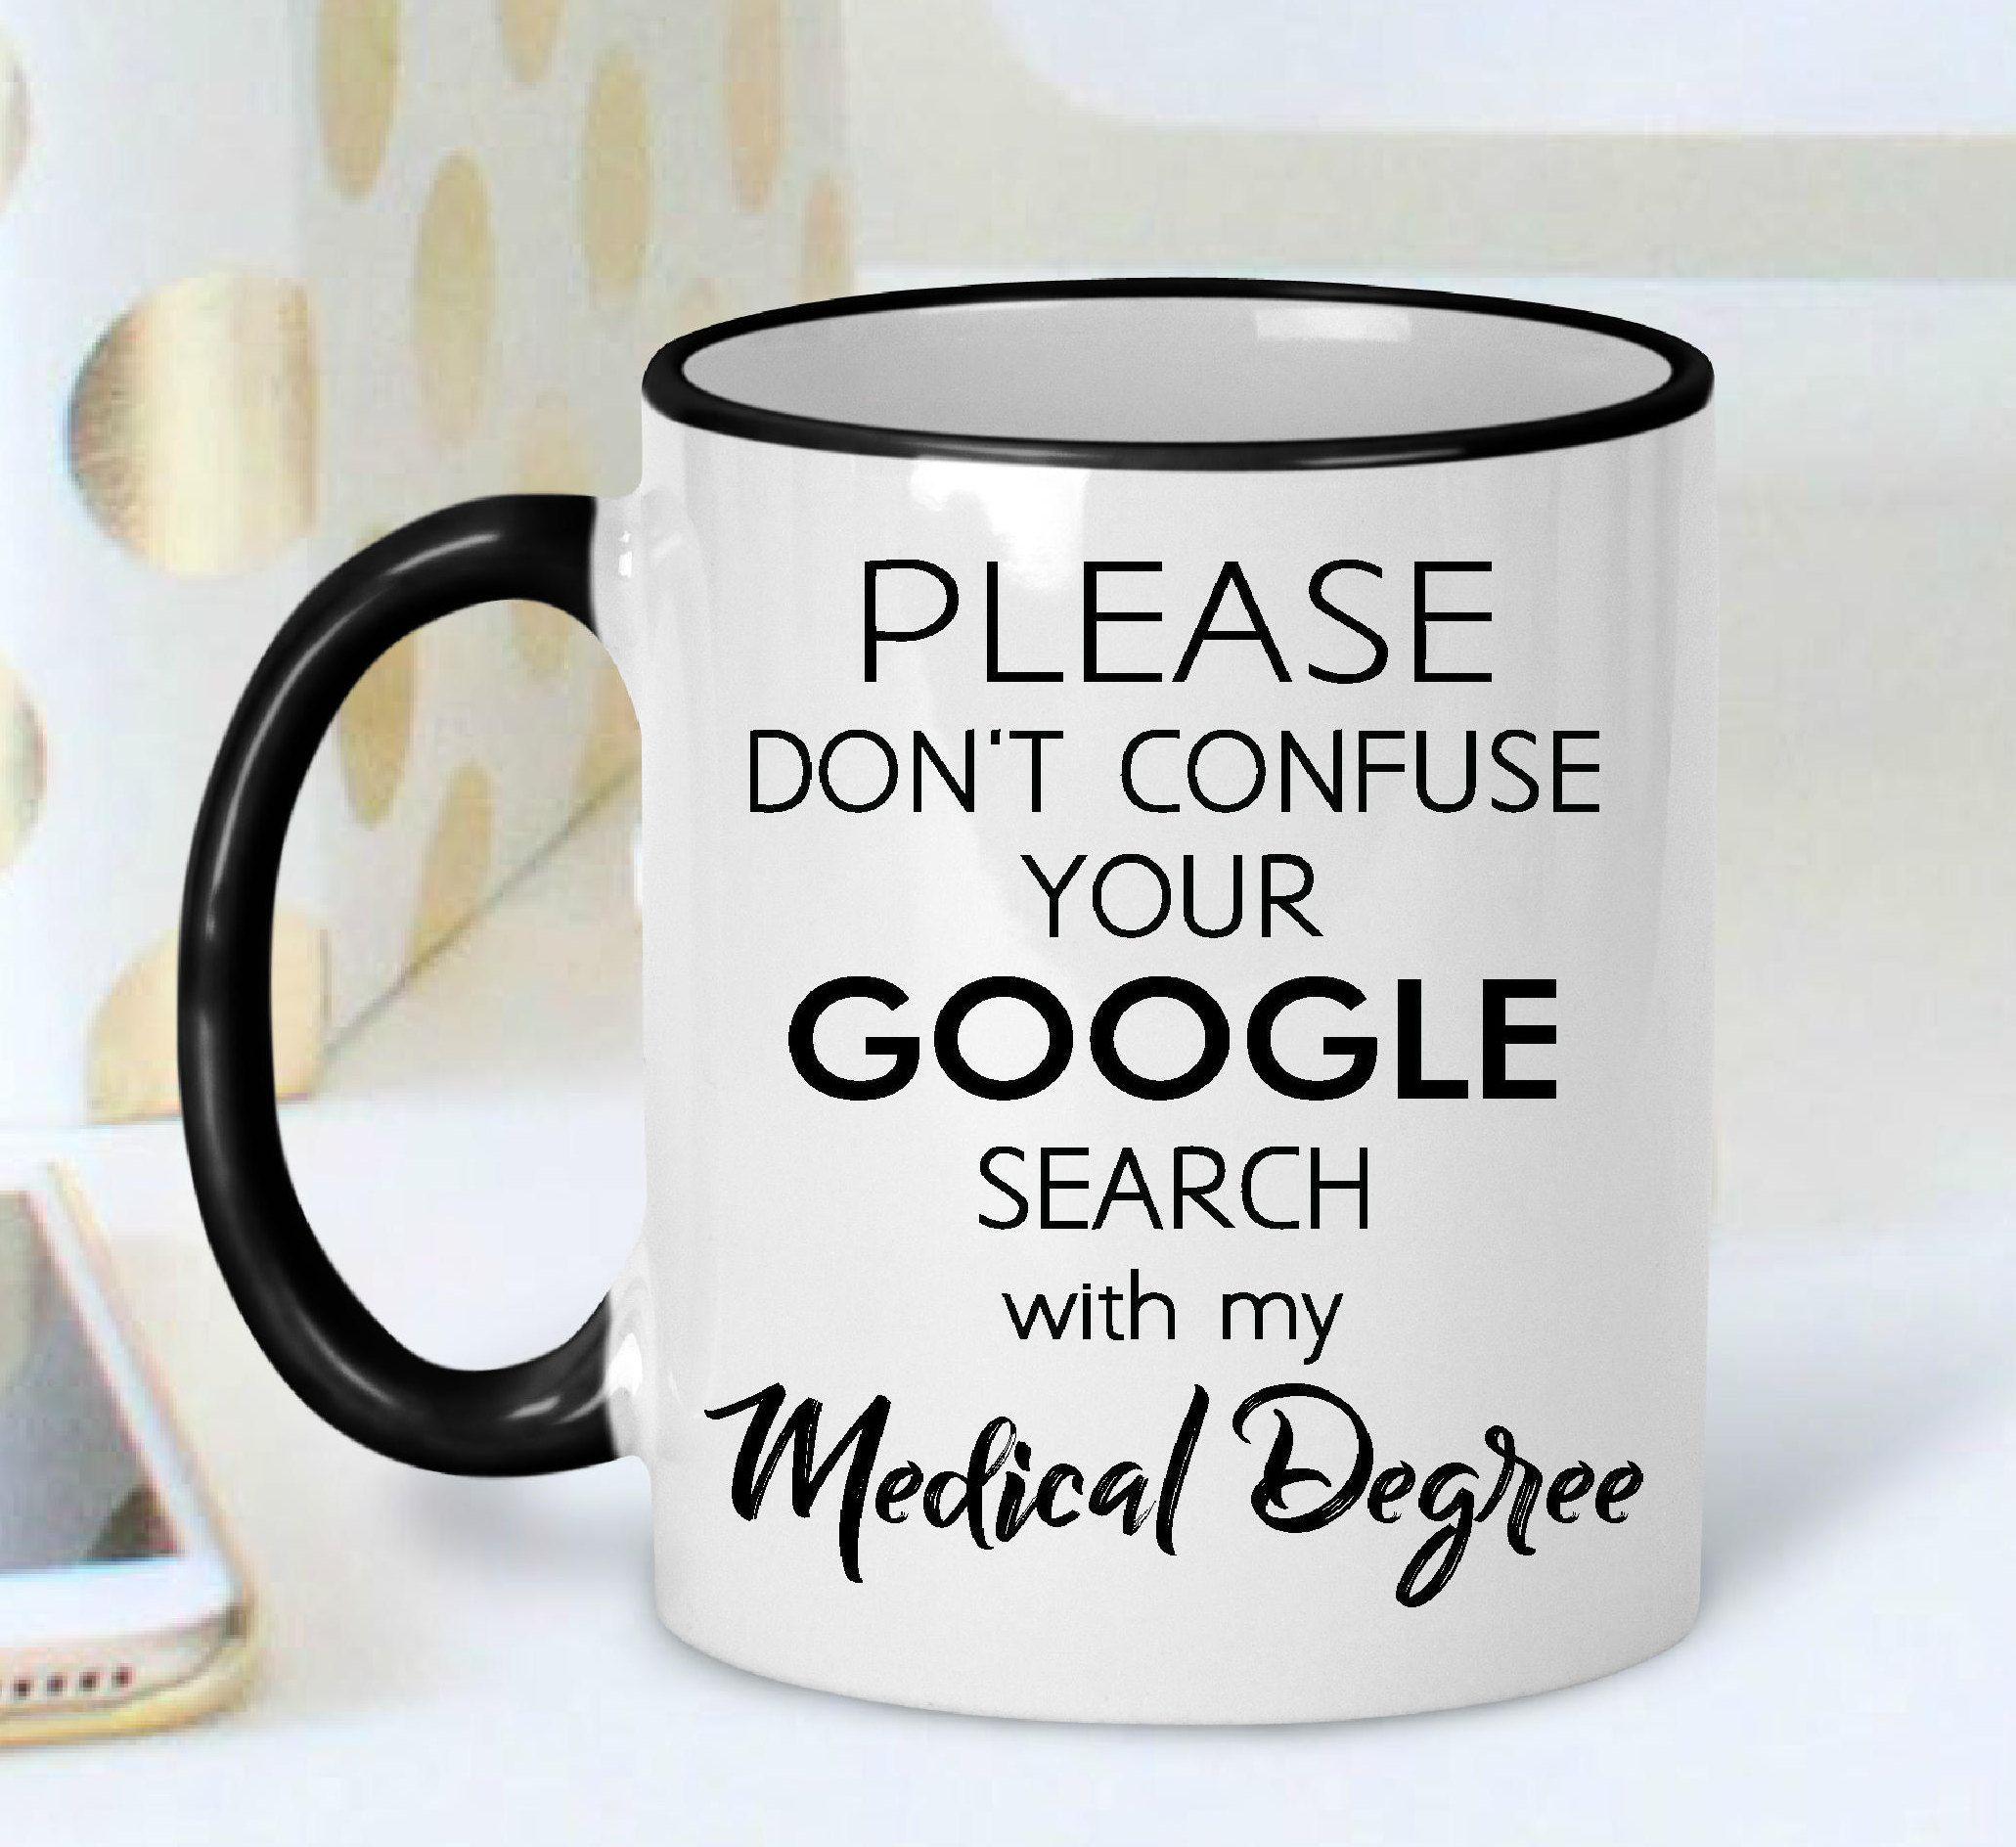 Doctor Mug Funny Doctor Mug Google Coffee Mug Medical Etsy Mugs Funny Coffee Mugs Doctor Gifts